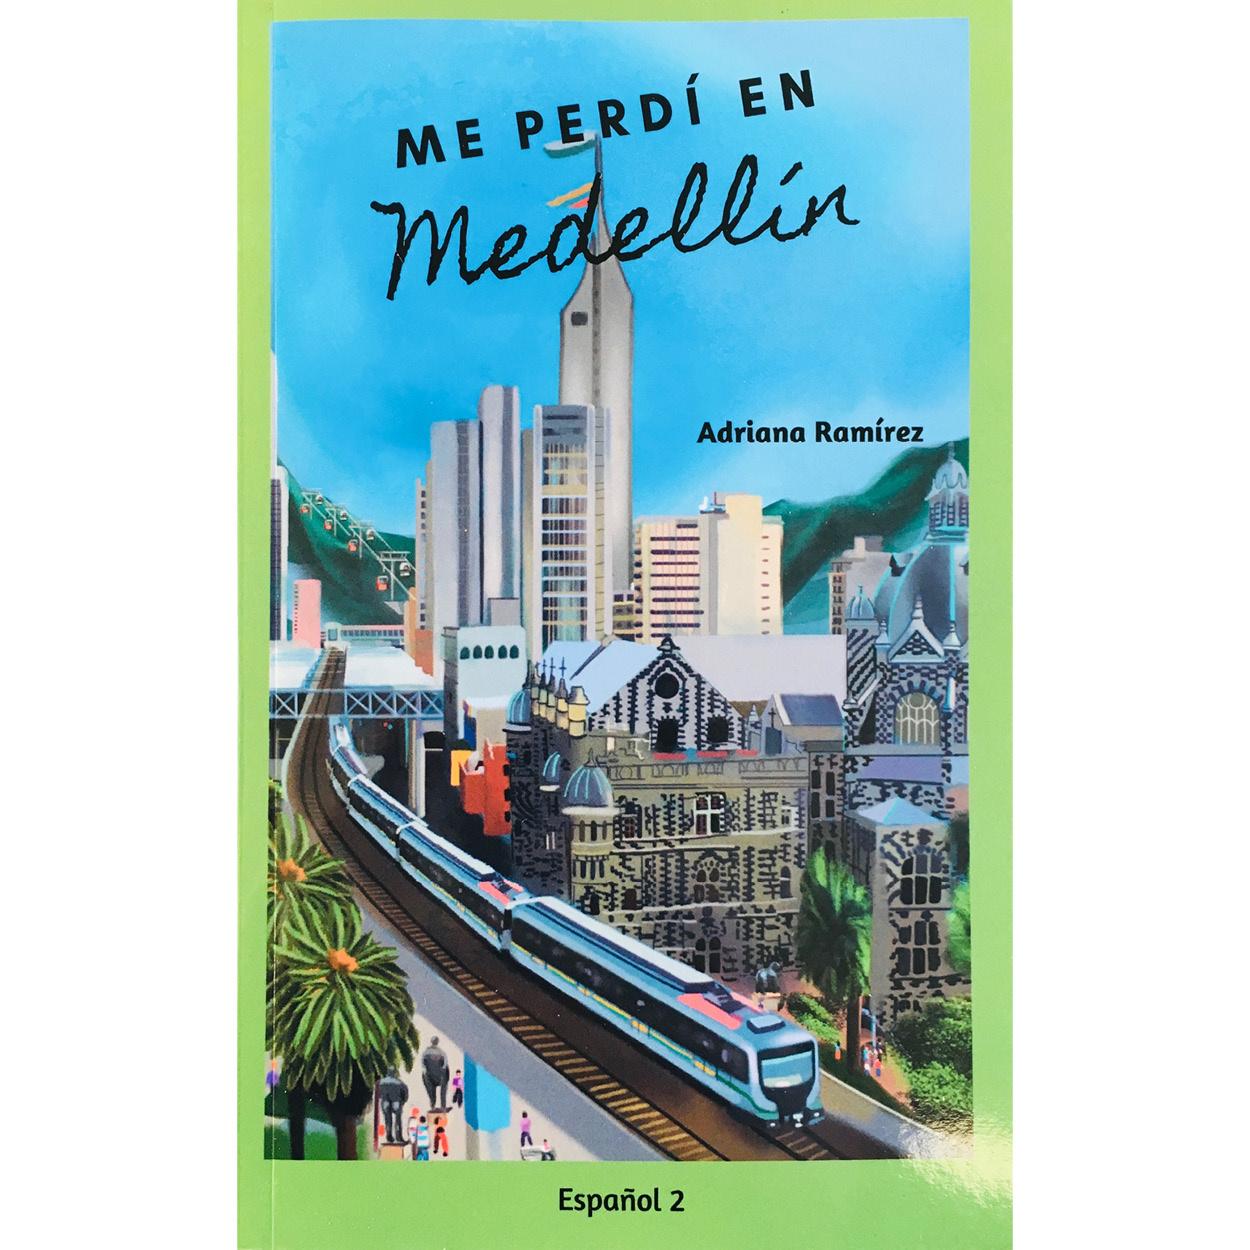 Me perdí en Medellín